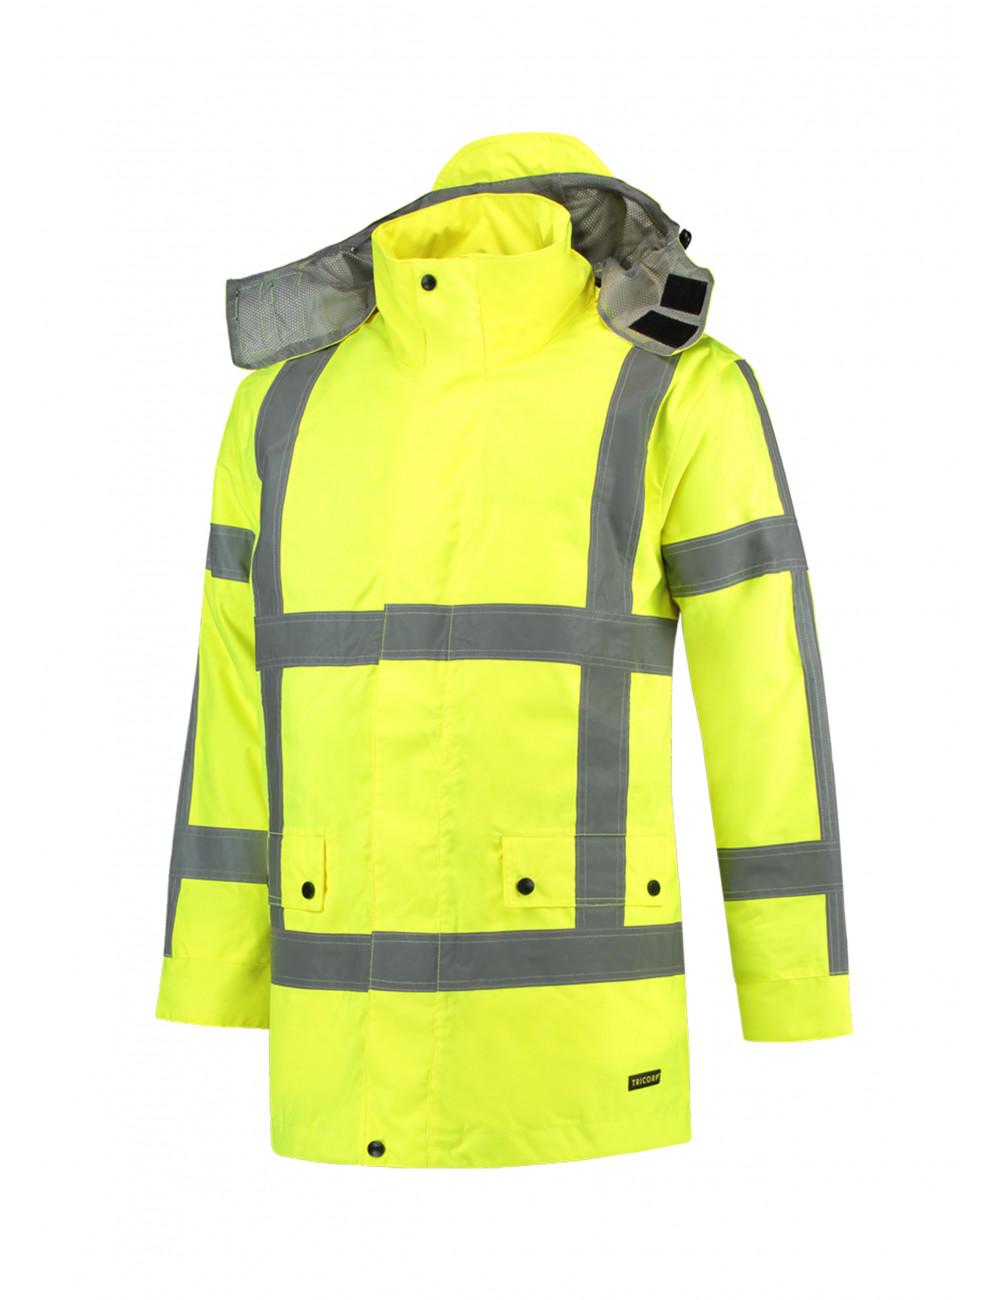 Adler TRICORP Kurtka robocze unisex RWS Parka T50 fluorescencyjny żółty